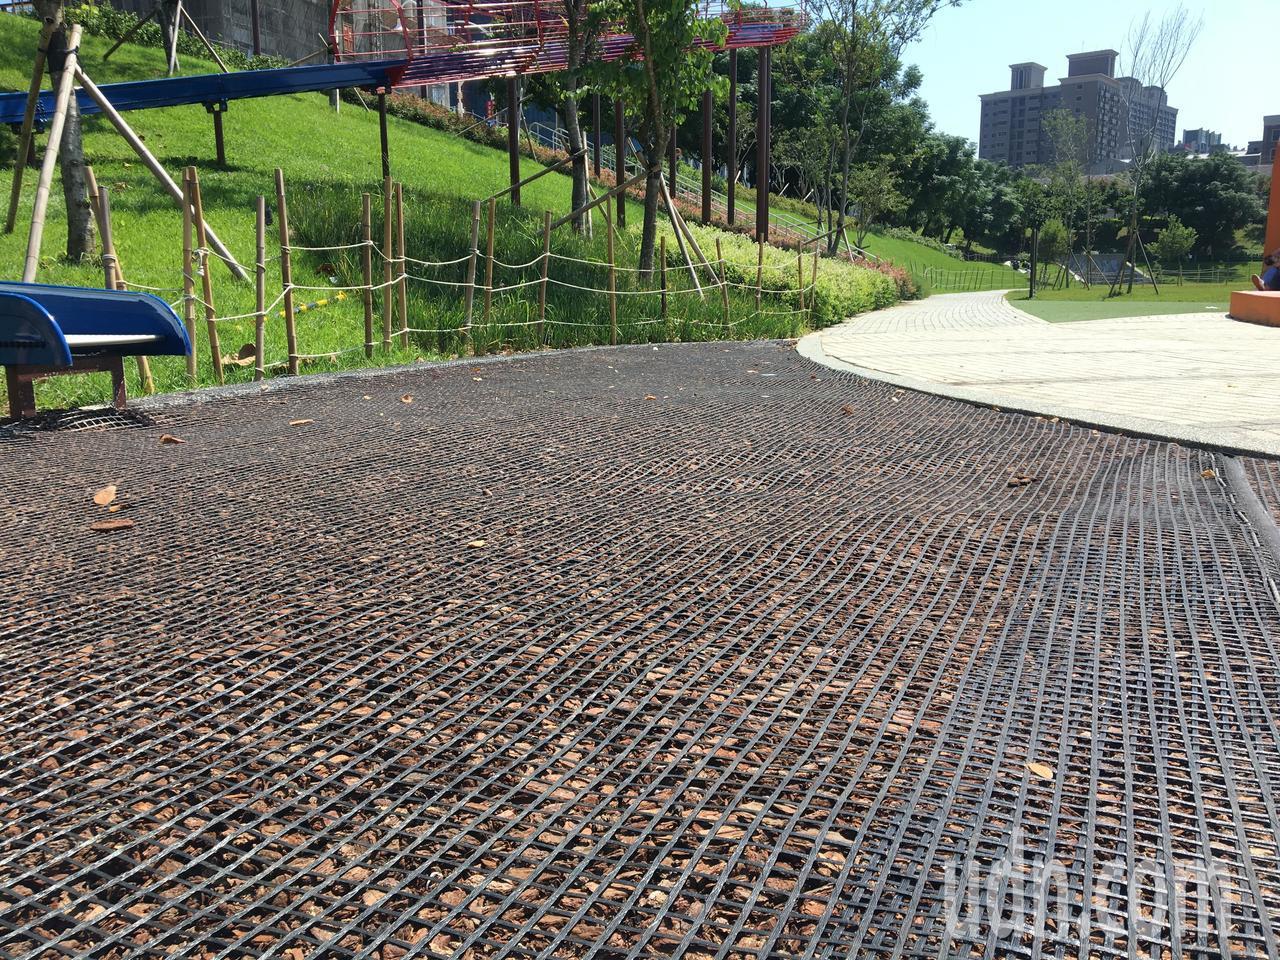 桃園區風禾公園遊戲區的木屑鋪面維護不易,每逢大雨都泡水漂散,市府養工處近日著手改...